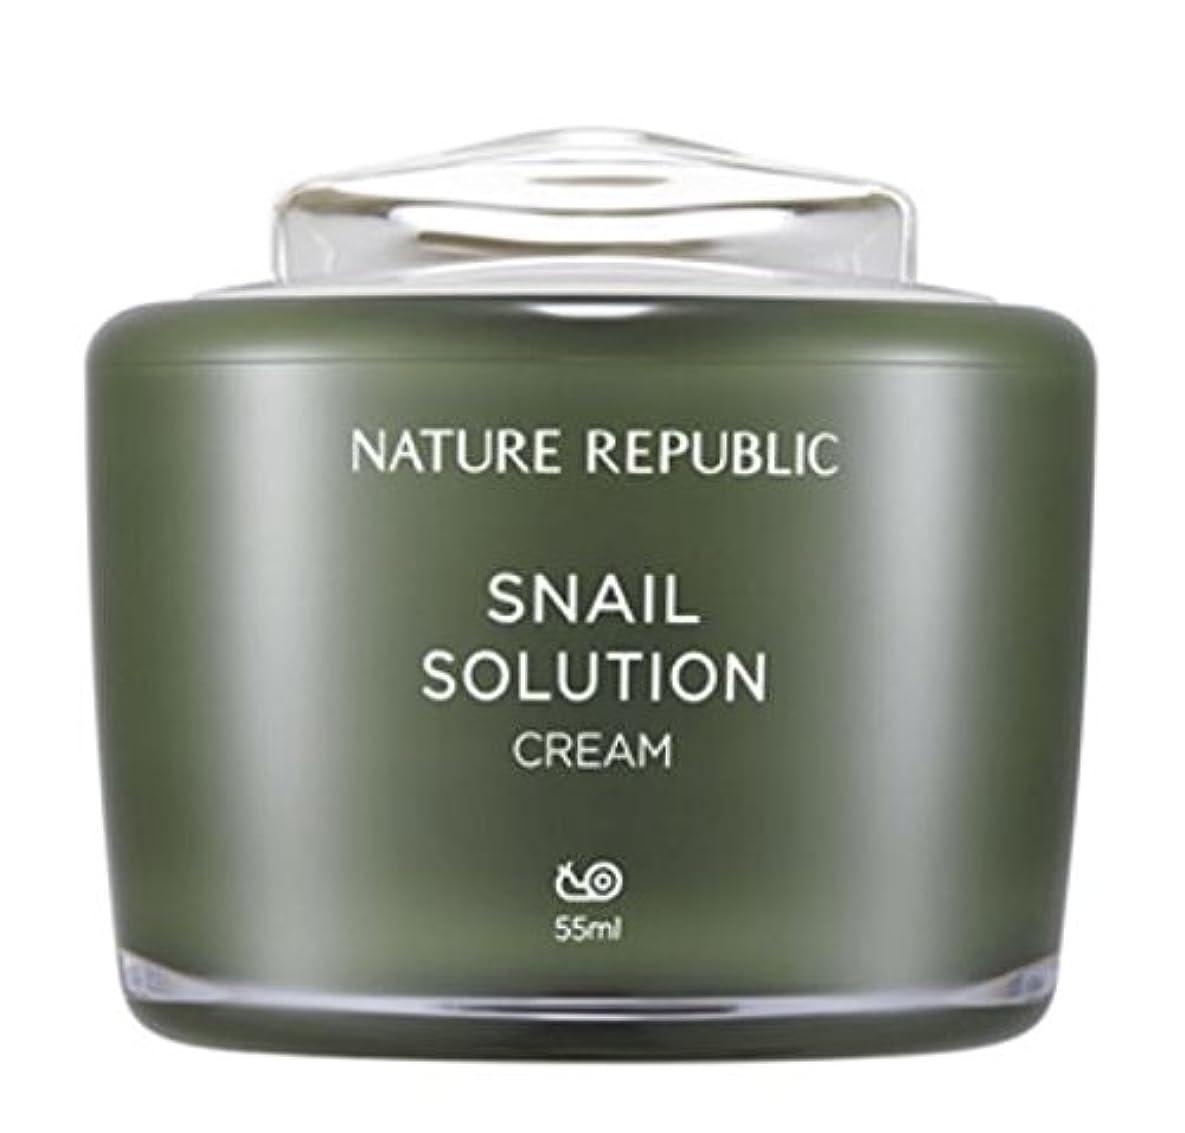 飢狂信者争い正規輸入品 NATURE REPUBLIC(ネイチャーリパブリック) S SOL クリーム b 55ml NK0637